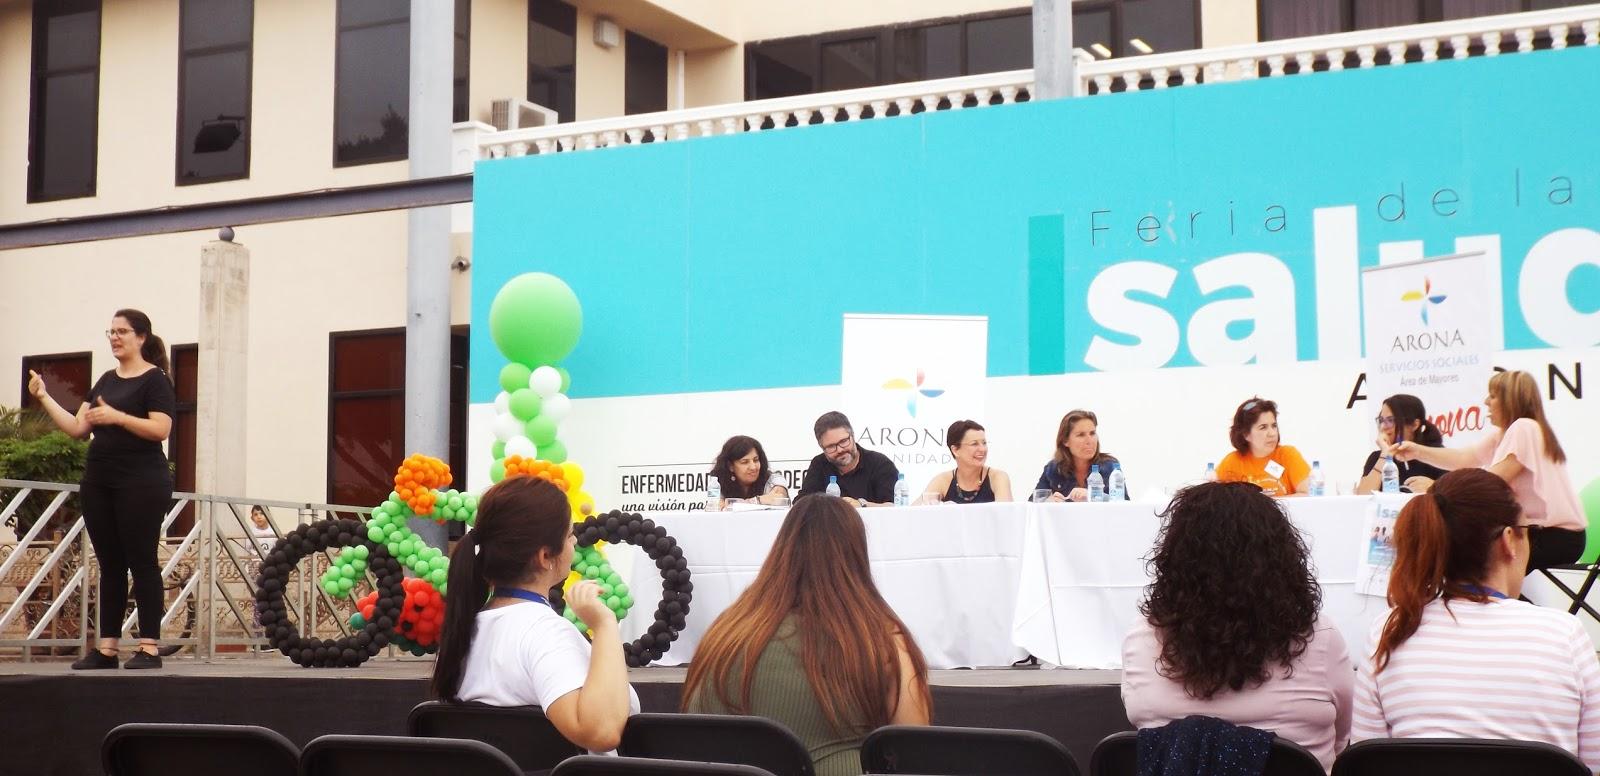 Arona aborda las enfermedades oncológicas en la II Feria de la Salud